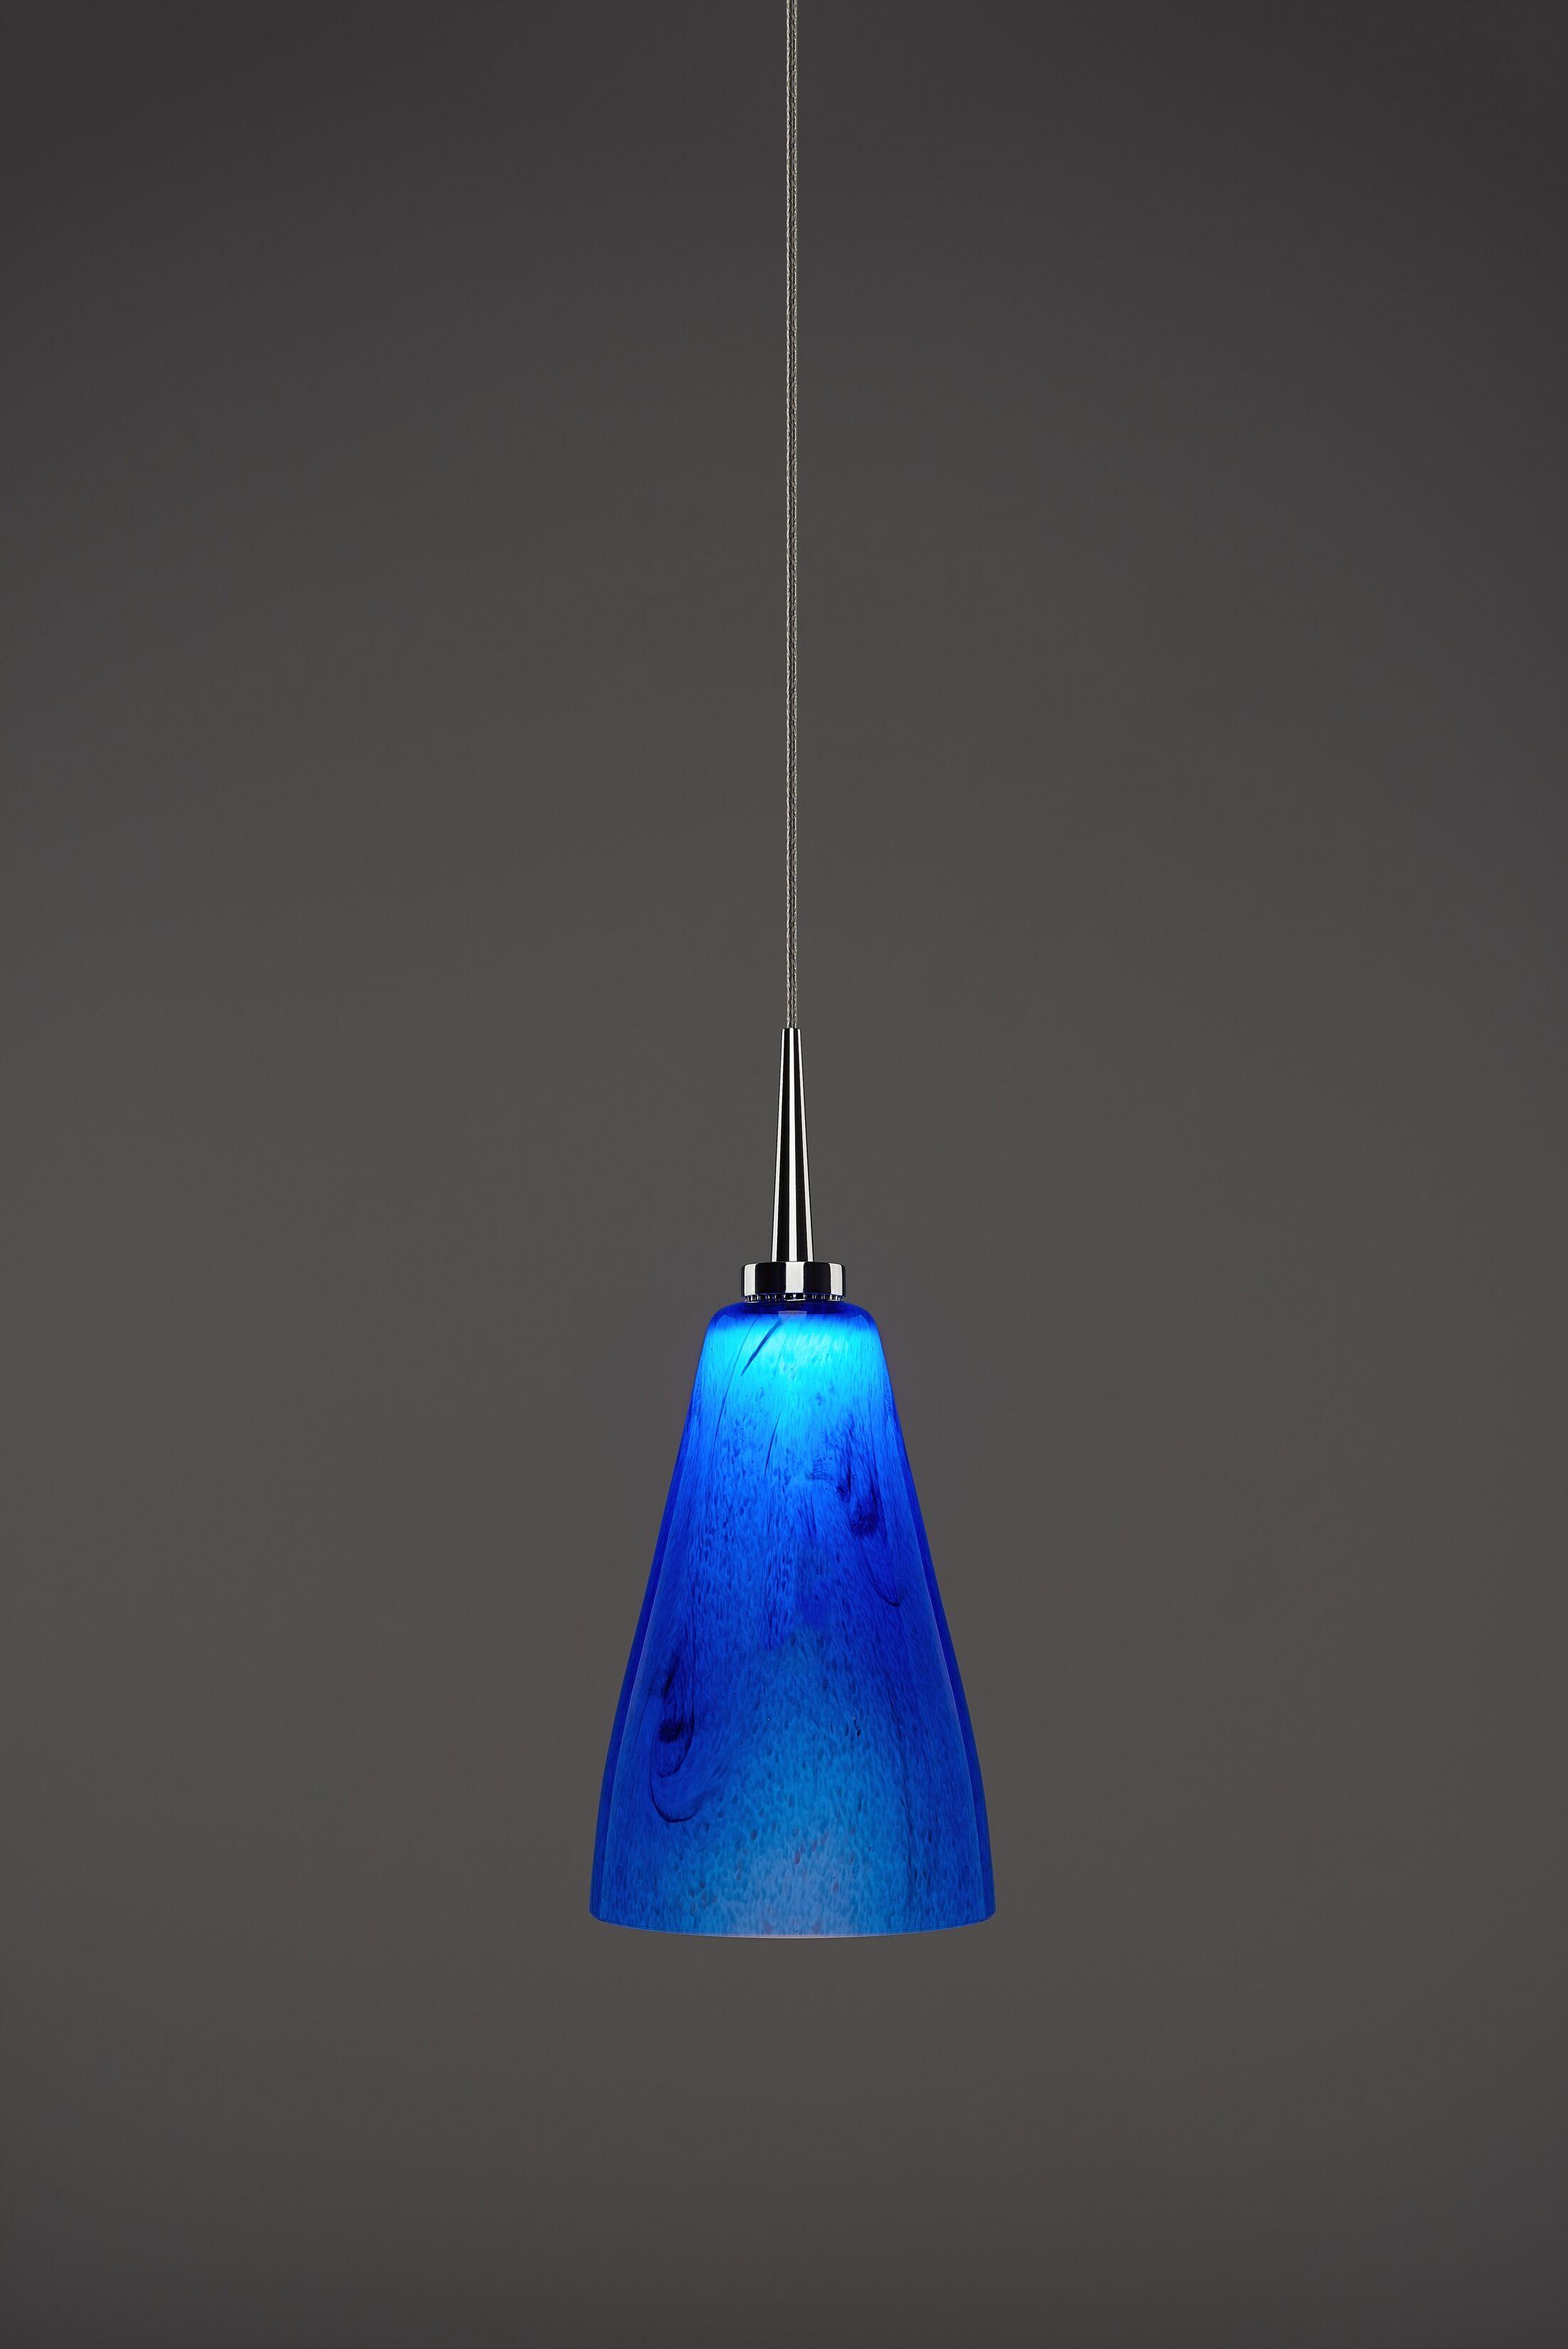 Zara 1-Light Cone Pendant Color: Chrome